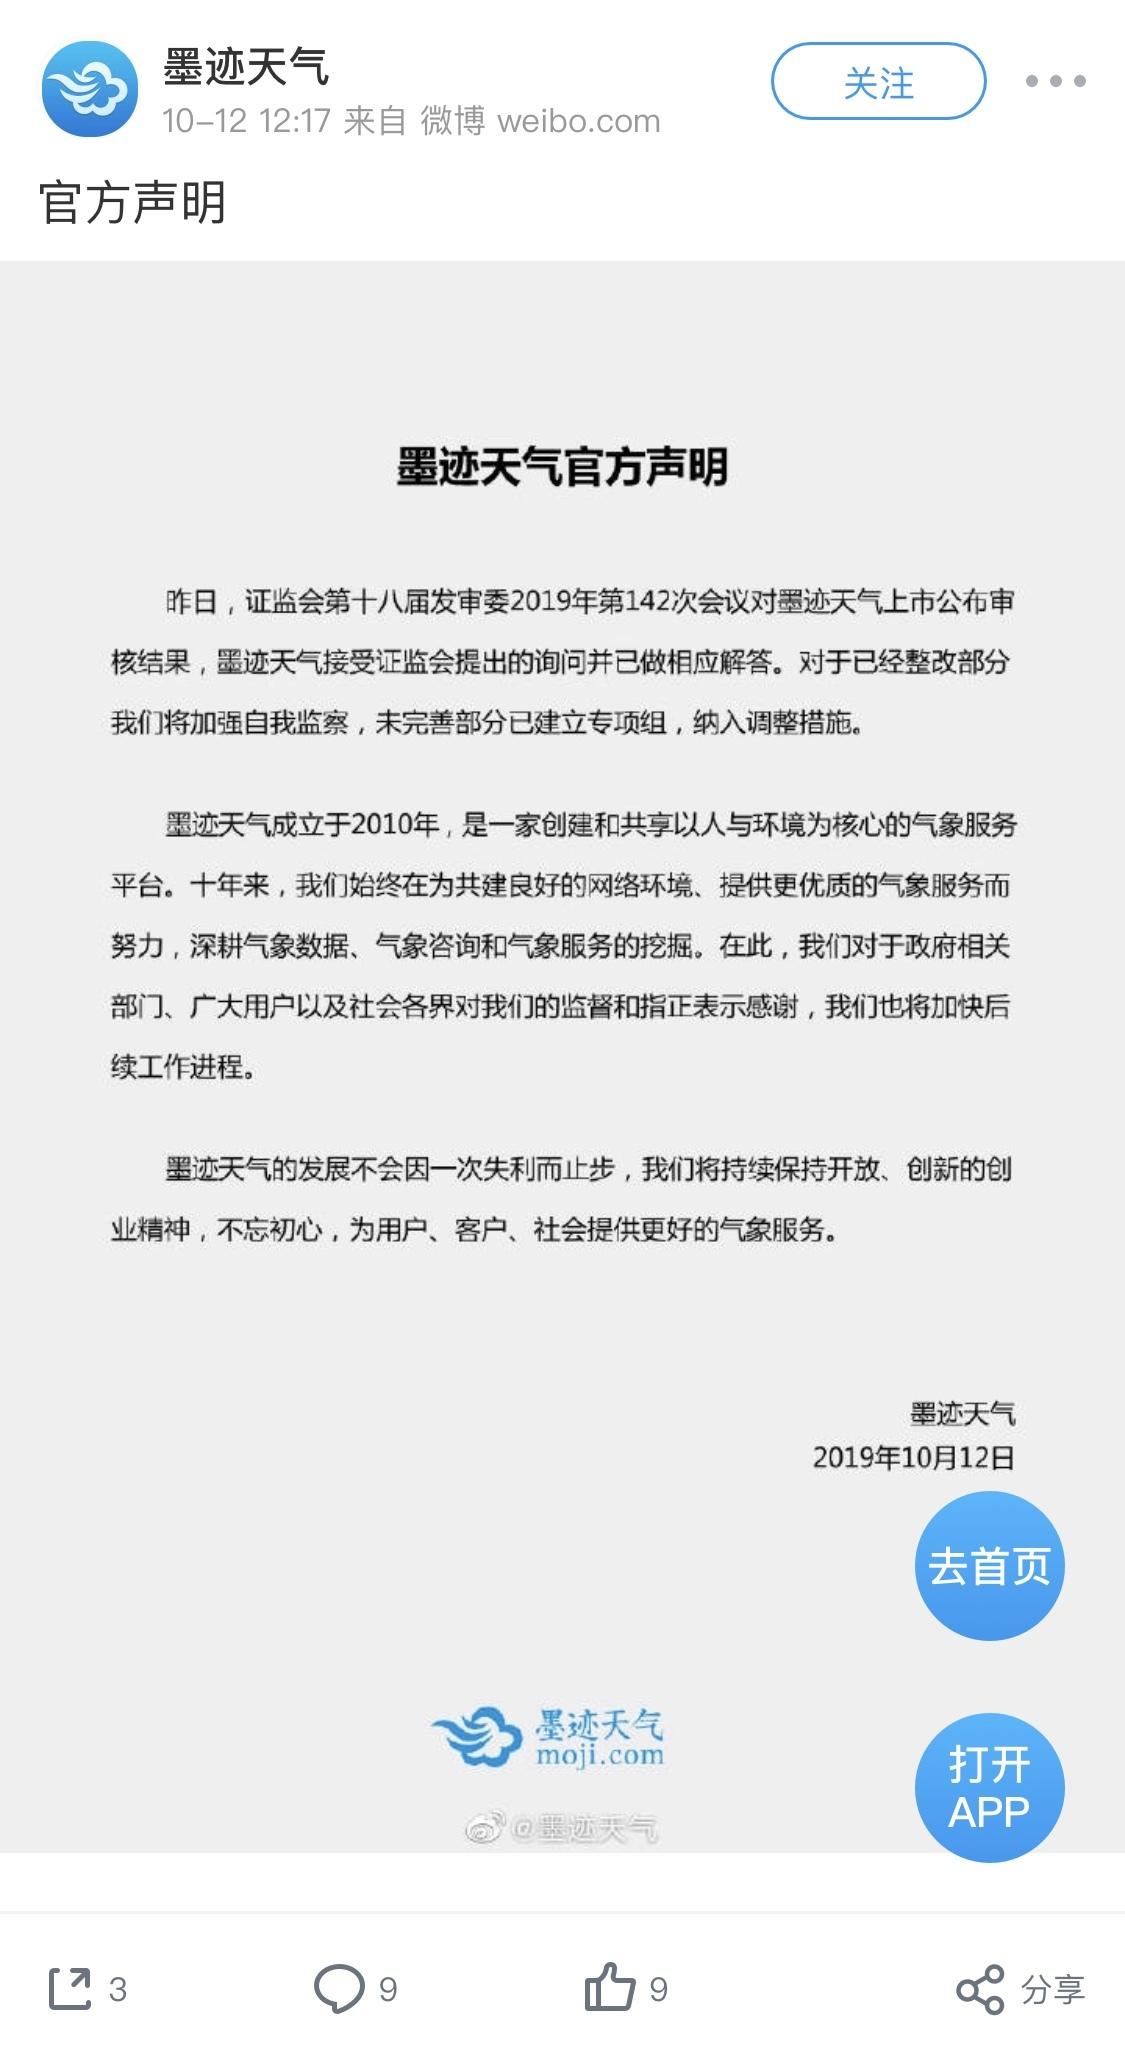 中天科技集团业绩跌17%负债二百亿 线缆巨头持续扩张